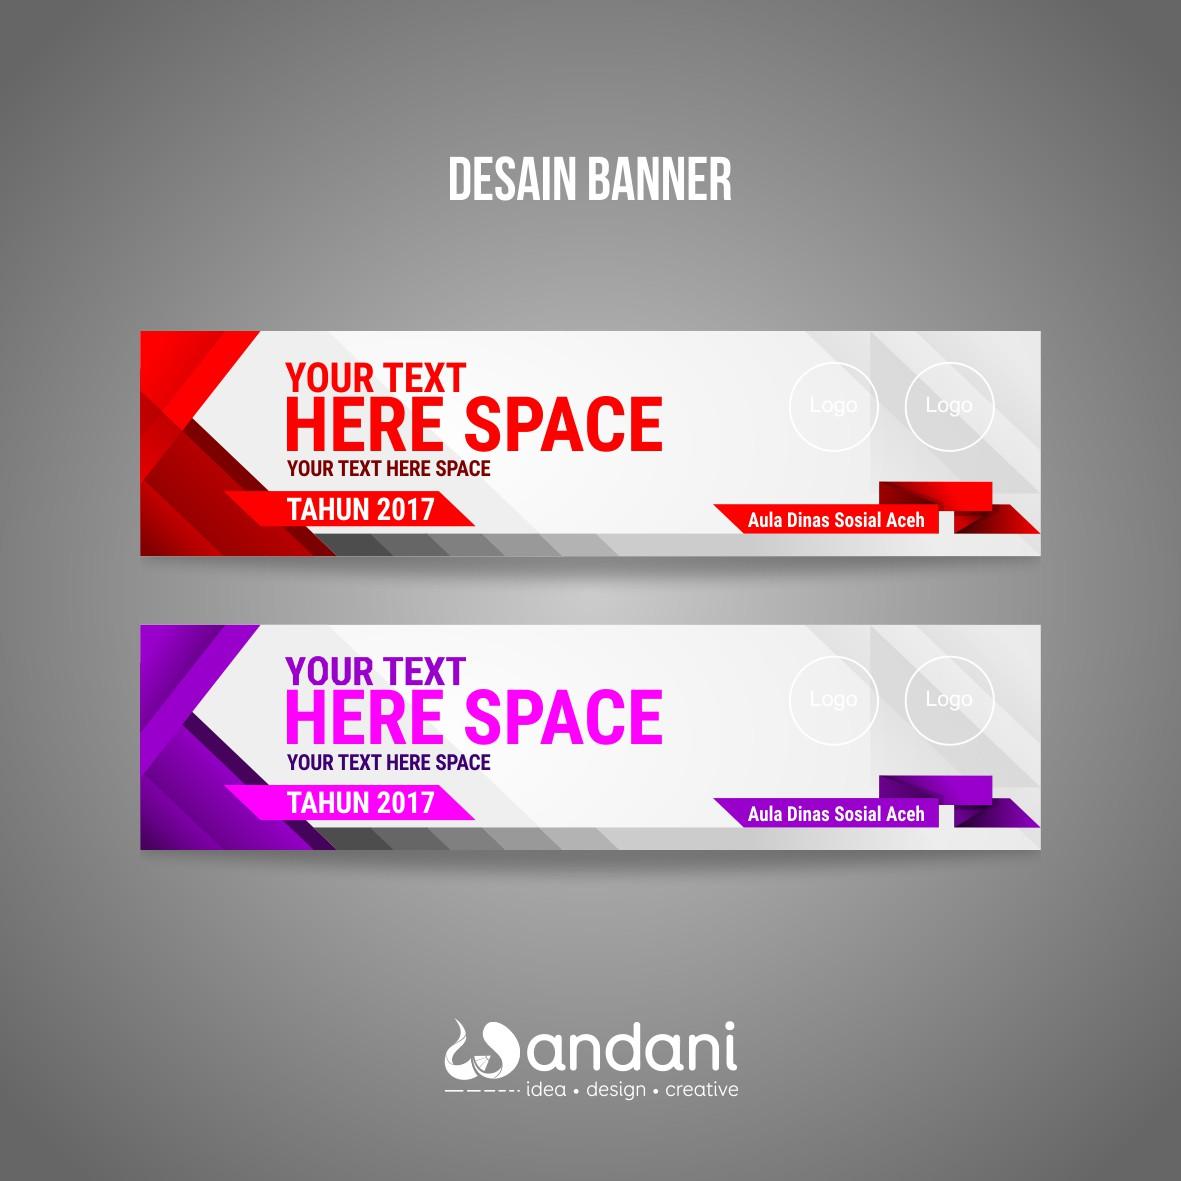 Ide 34+ Desain Banner Keren